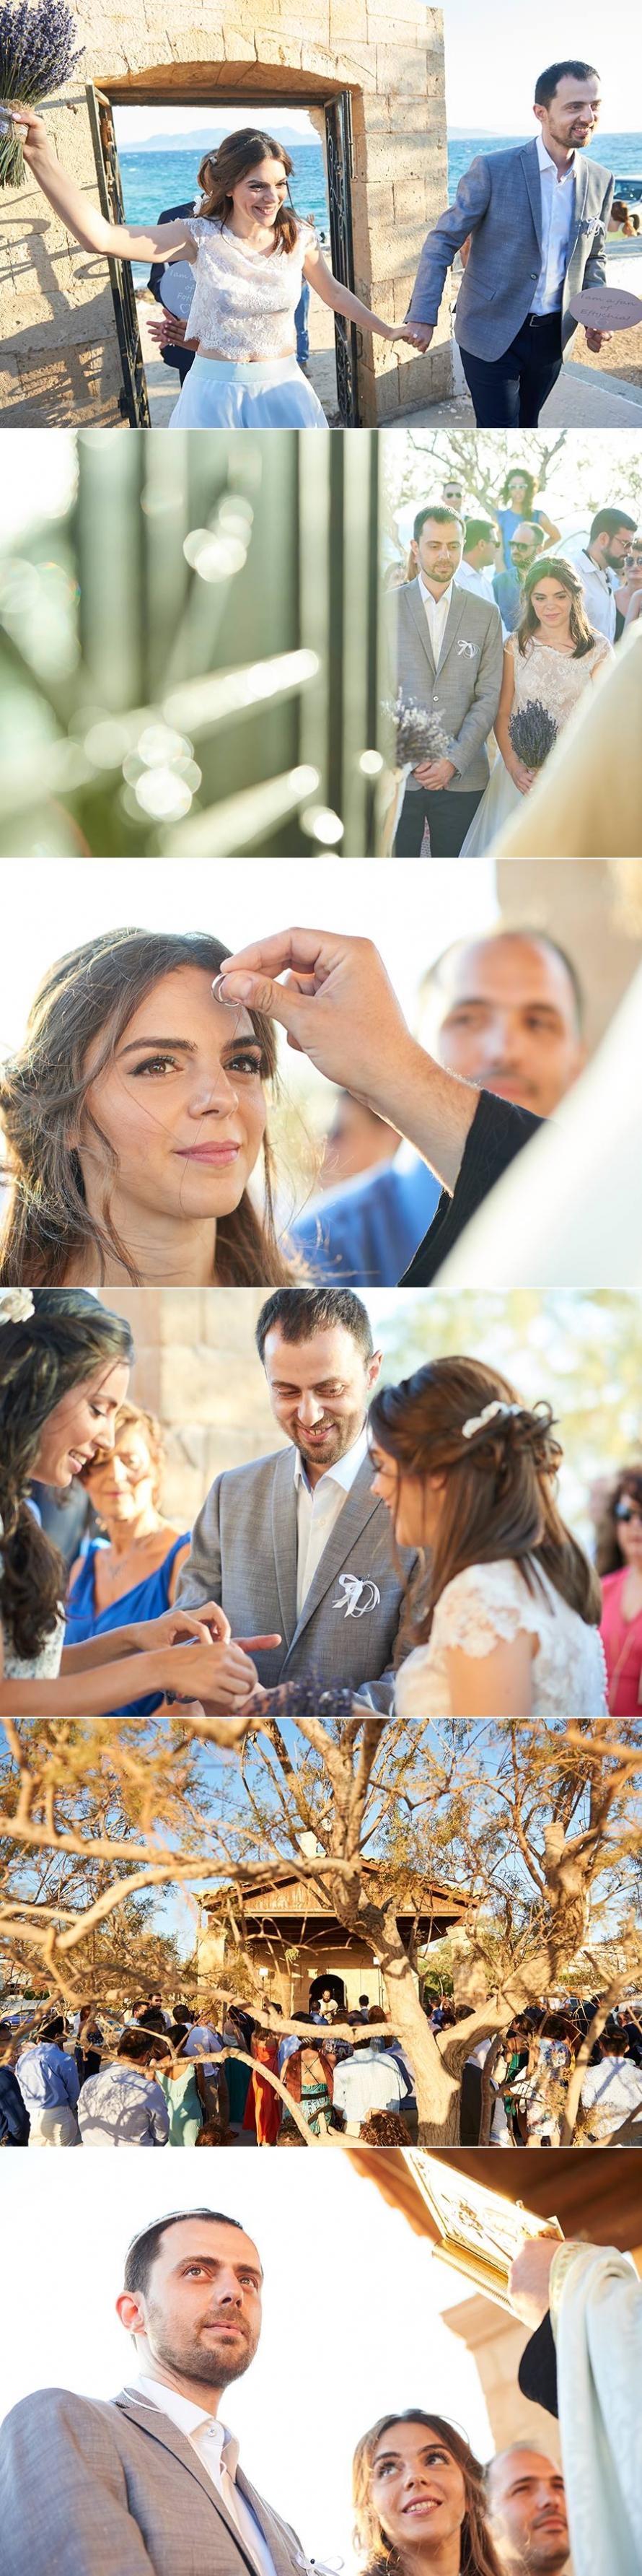 Batman Bride wedding photos012